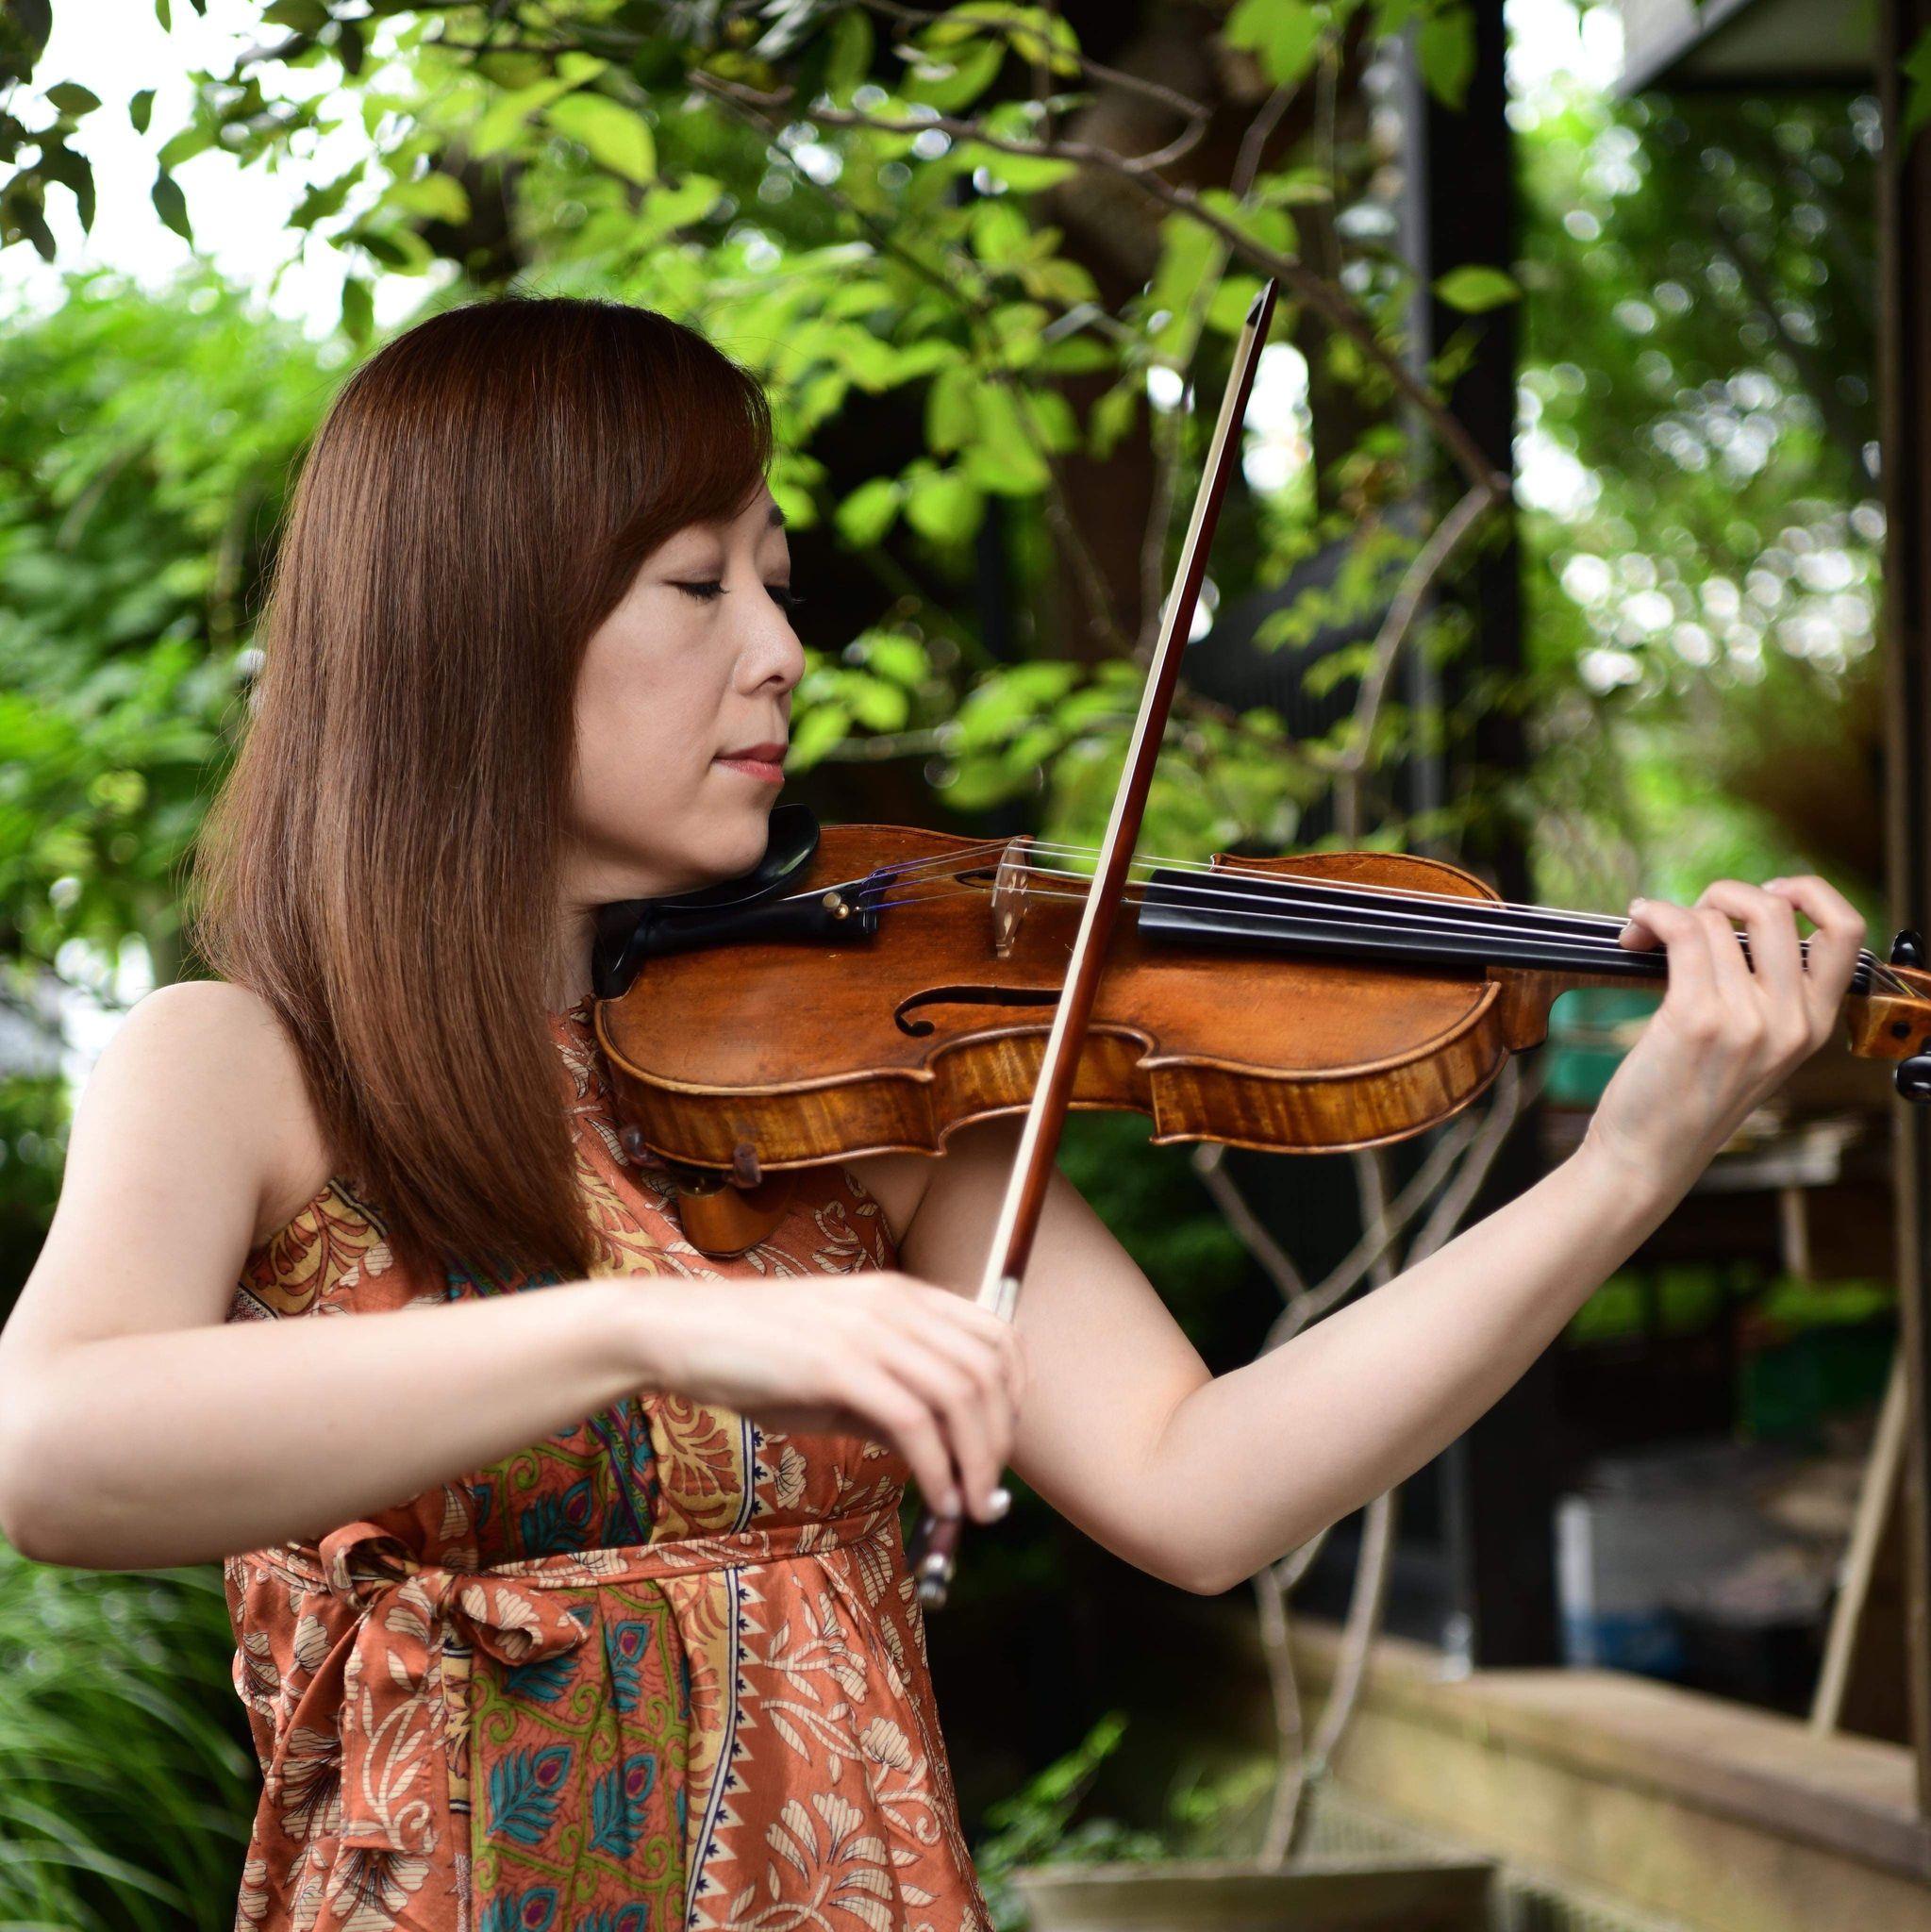 楽曲復活の主要メンバーの1人「バイオリニスト 草野美香」さんから